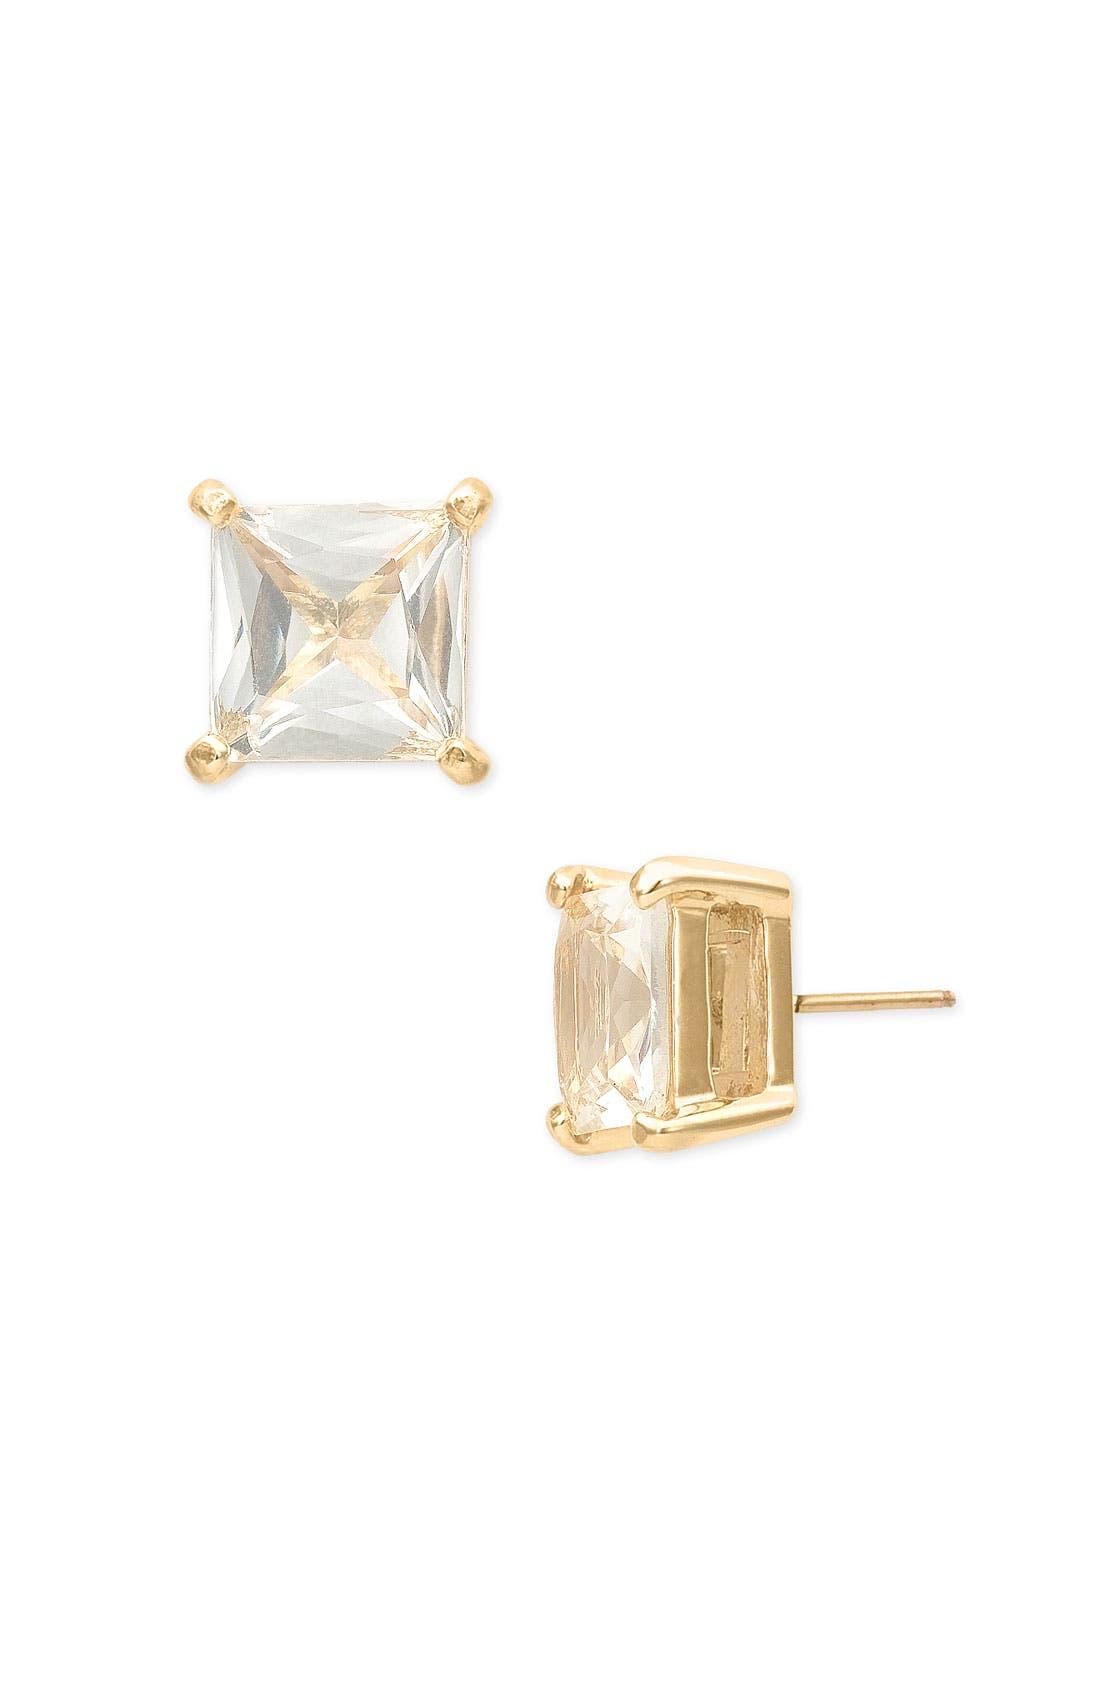 Alternate Image 1 Selected - kate spade new york 'sweet nothings' square stud earrings